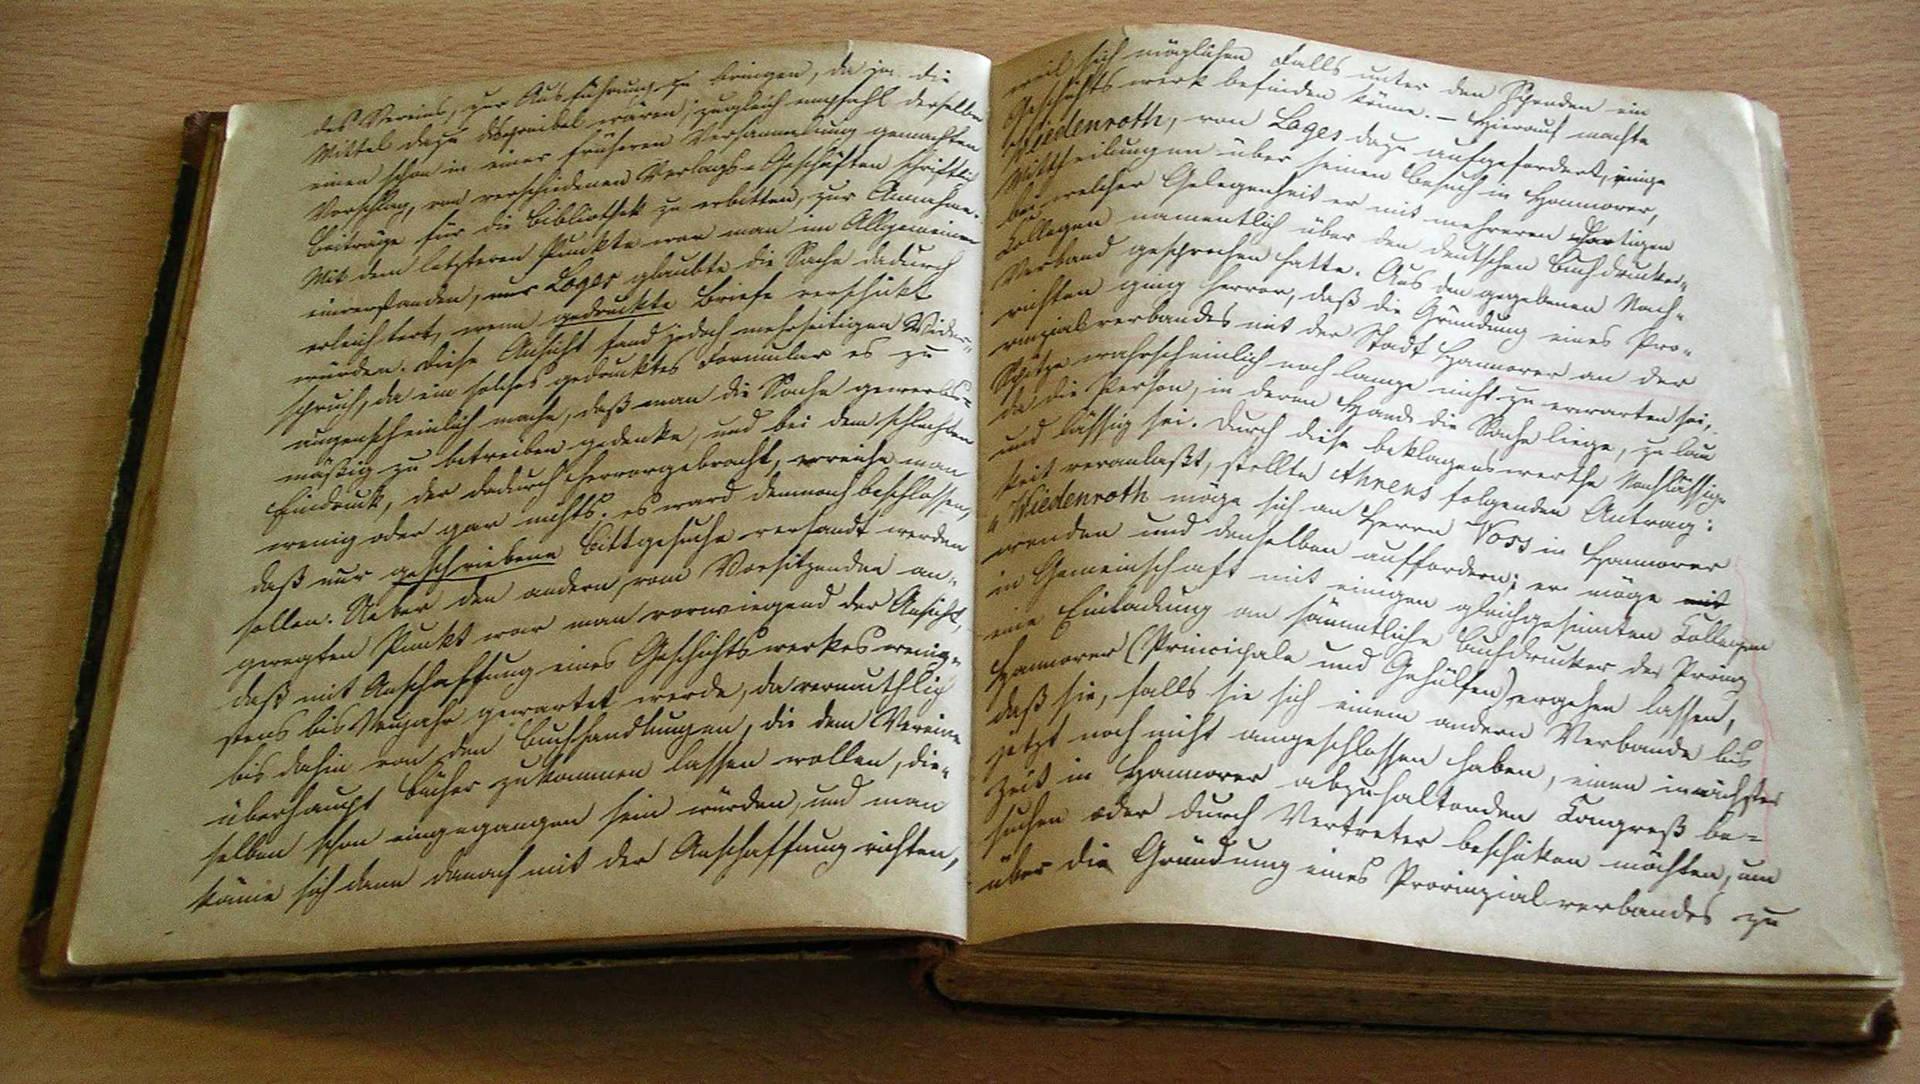 Protokollbuch des Buchdrucker-Vereins Hildesheim von 1863 – das älteste Gewerkschaftsdokument im Archiv der sozialen Demokratie der Friedrich-Ebert-Stiftung